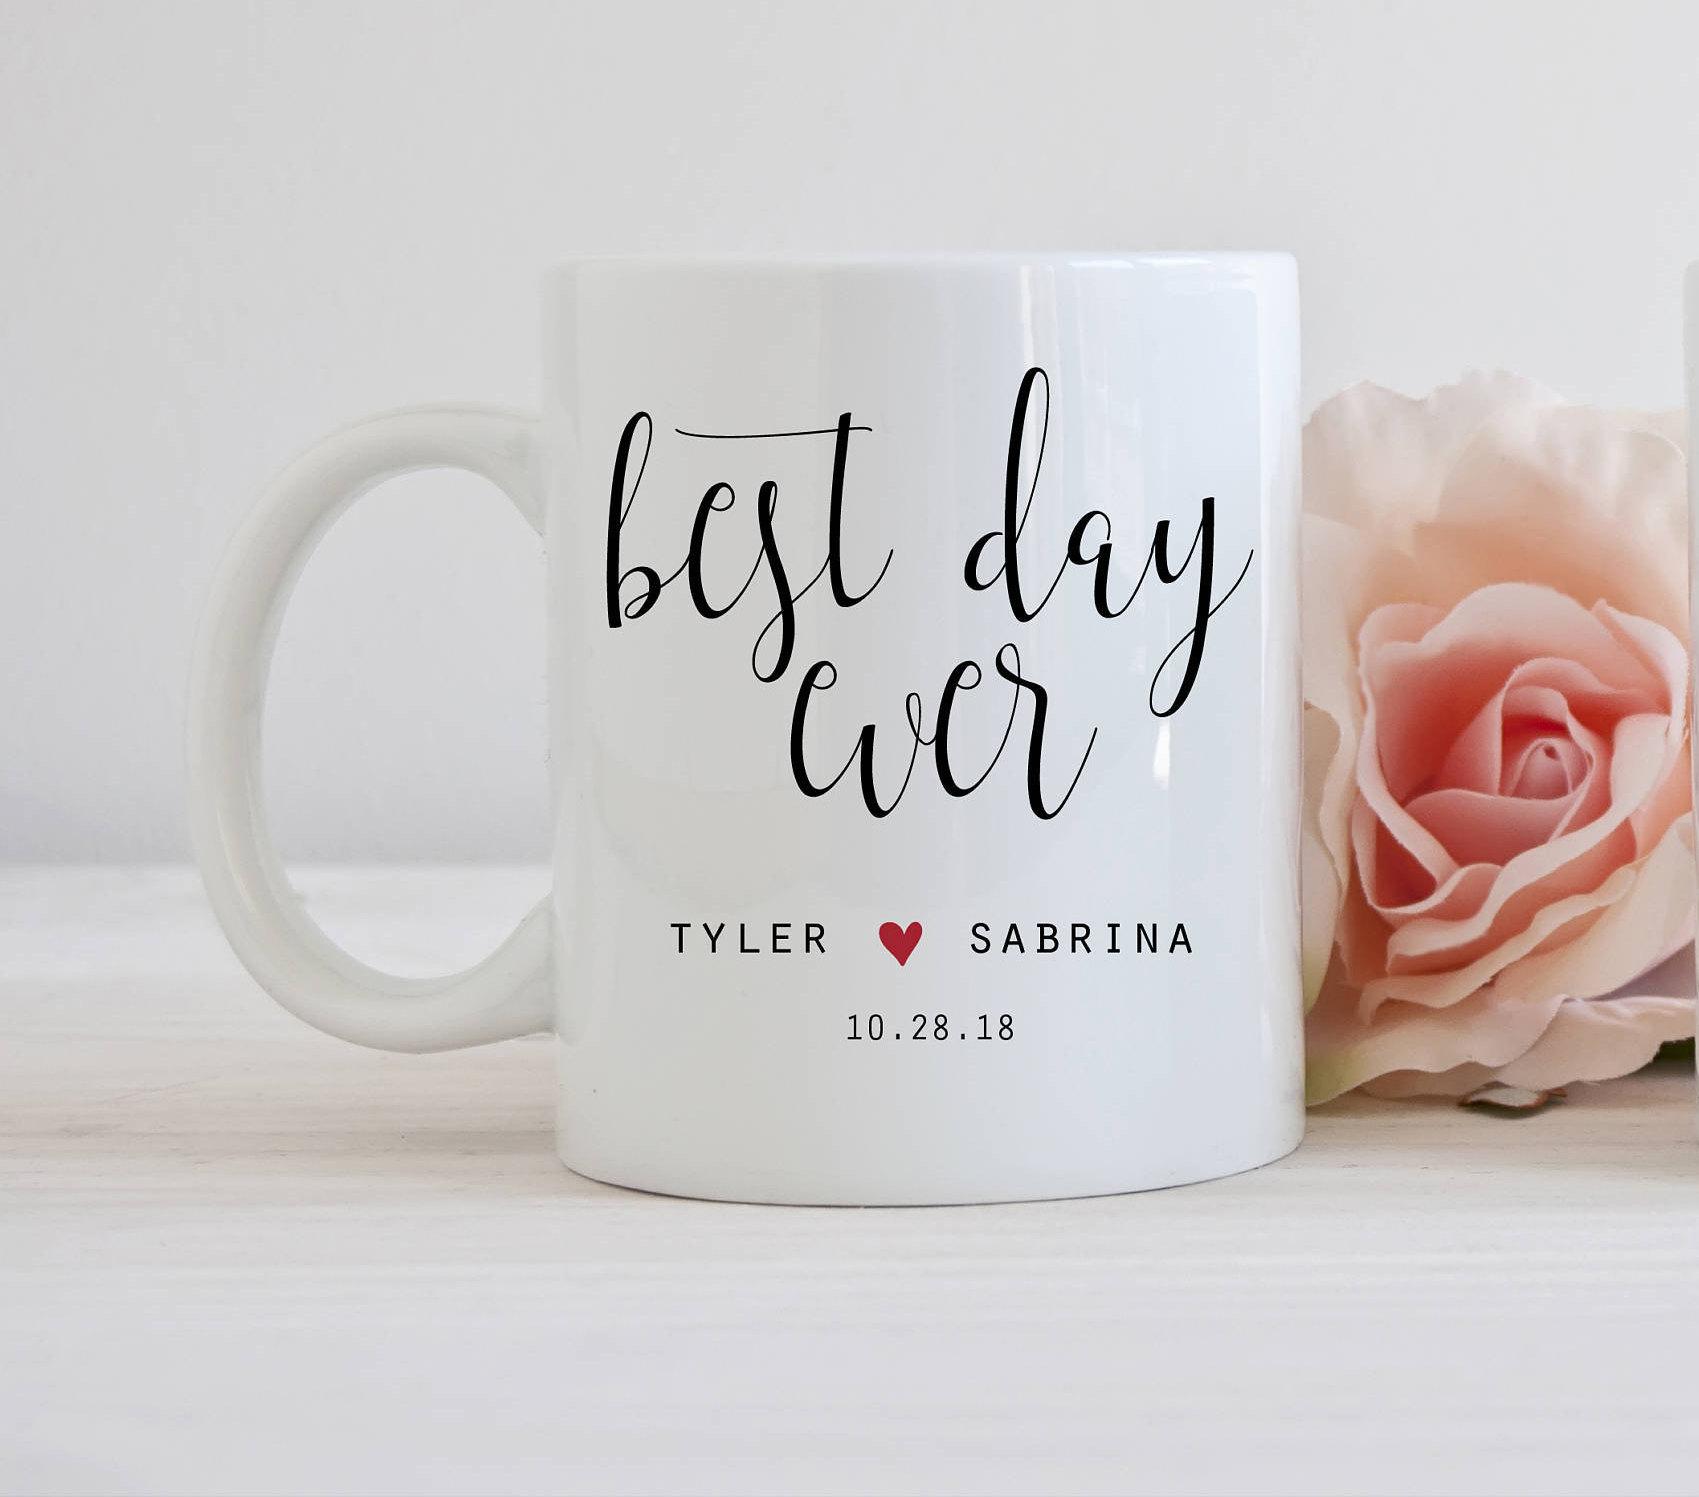 Best Day Ever Mug Wedding Favor Mug Gifts For Wedding